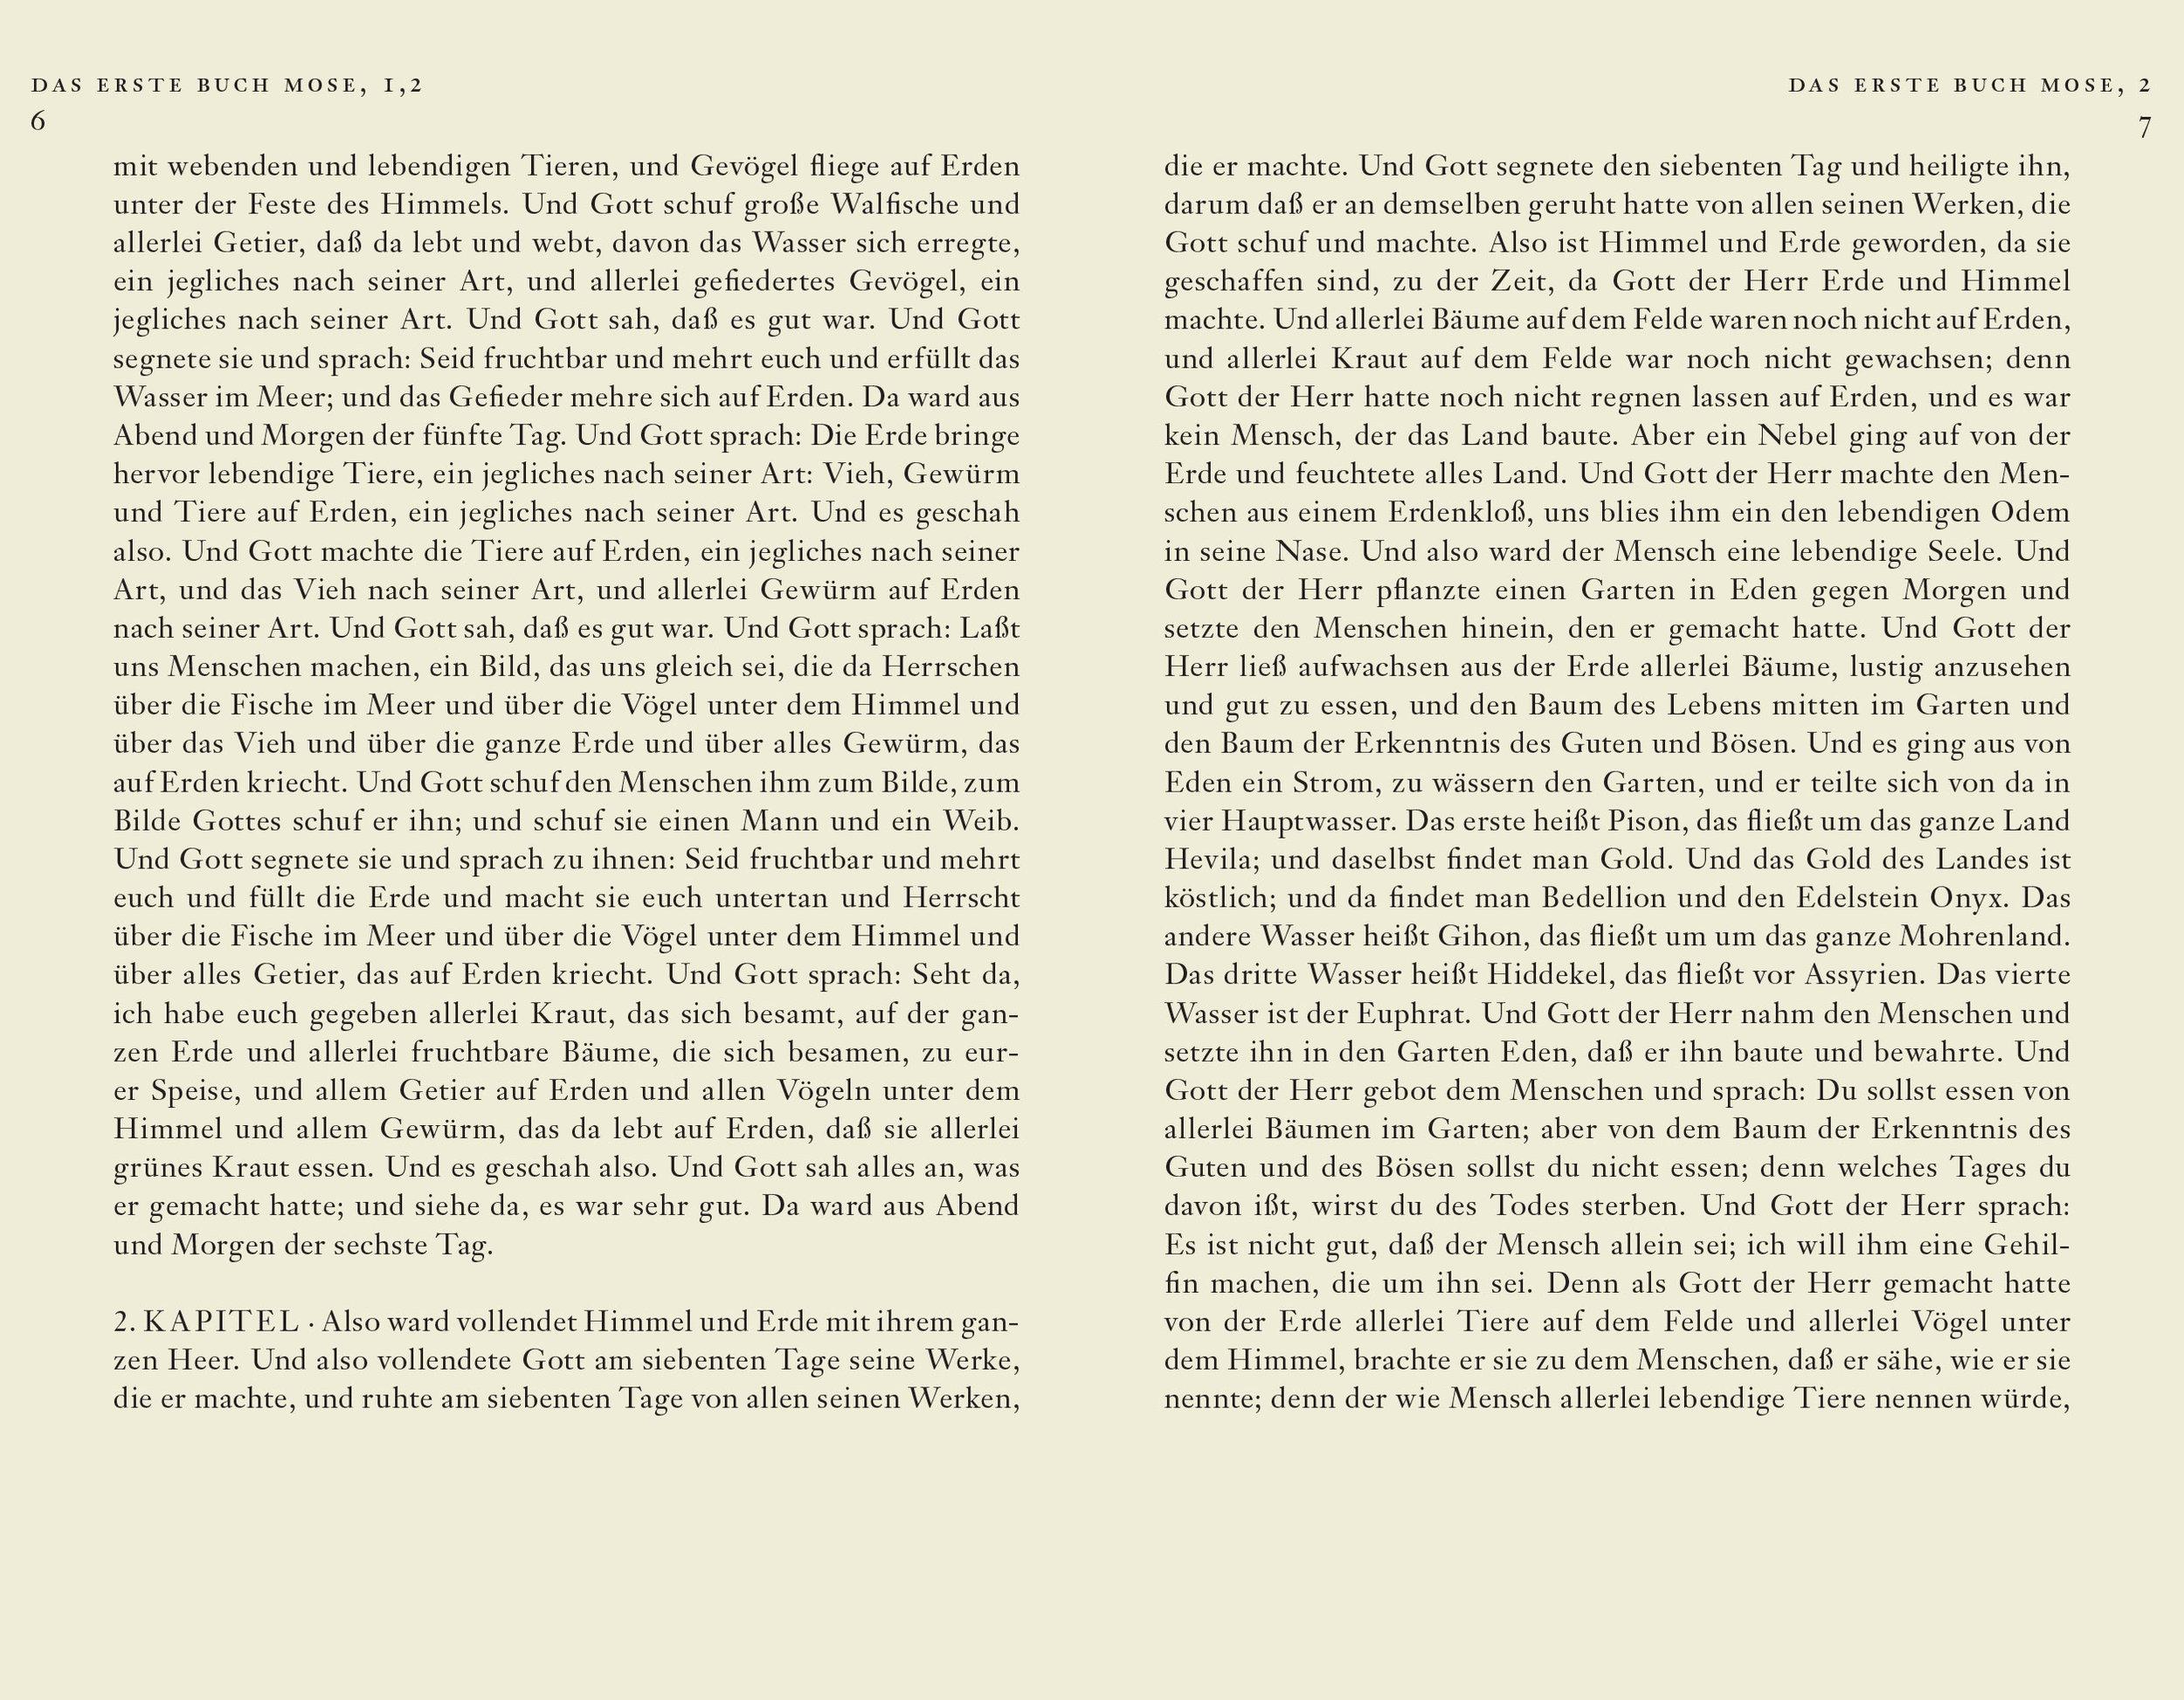 GOTTHARD DE BEAUCLAIR  Germany, 1955  Janson  10.6 X 16.5 cm  Letterpress  Liber Librorum Collection